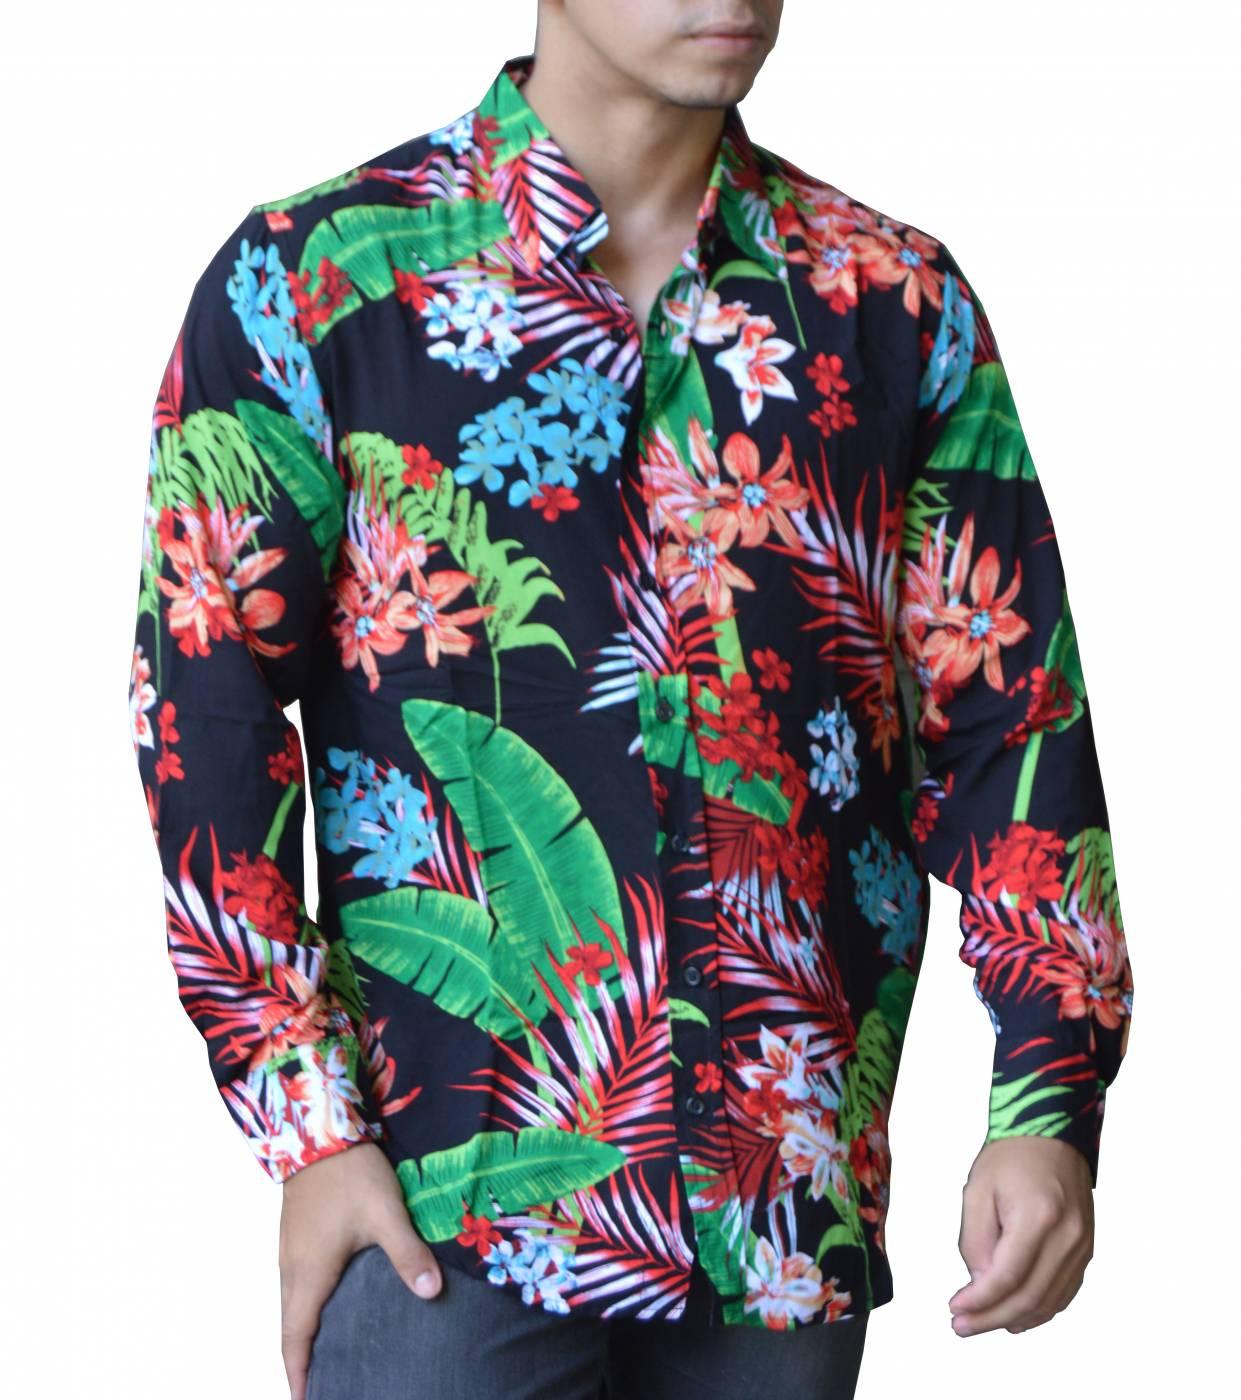 Camisa Viscose Manga Longa - Flores e Folhas de Bananeira